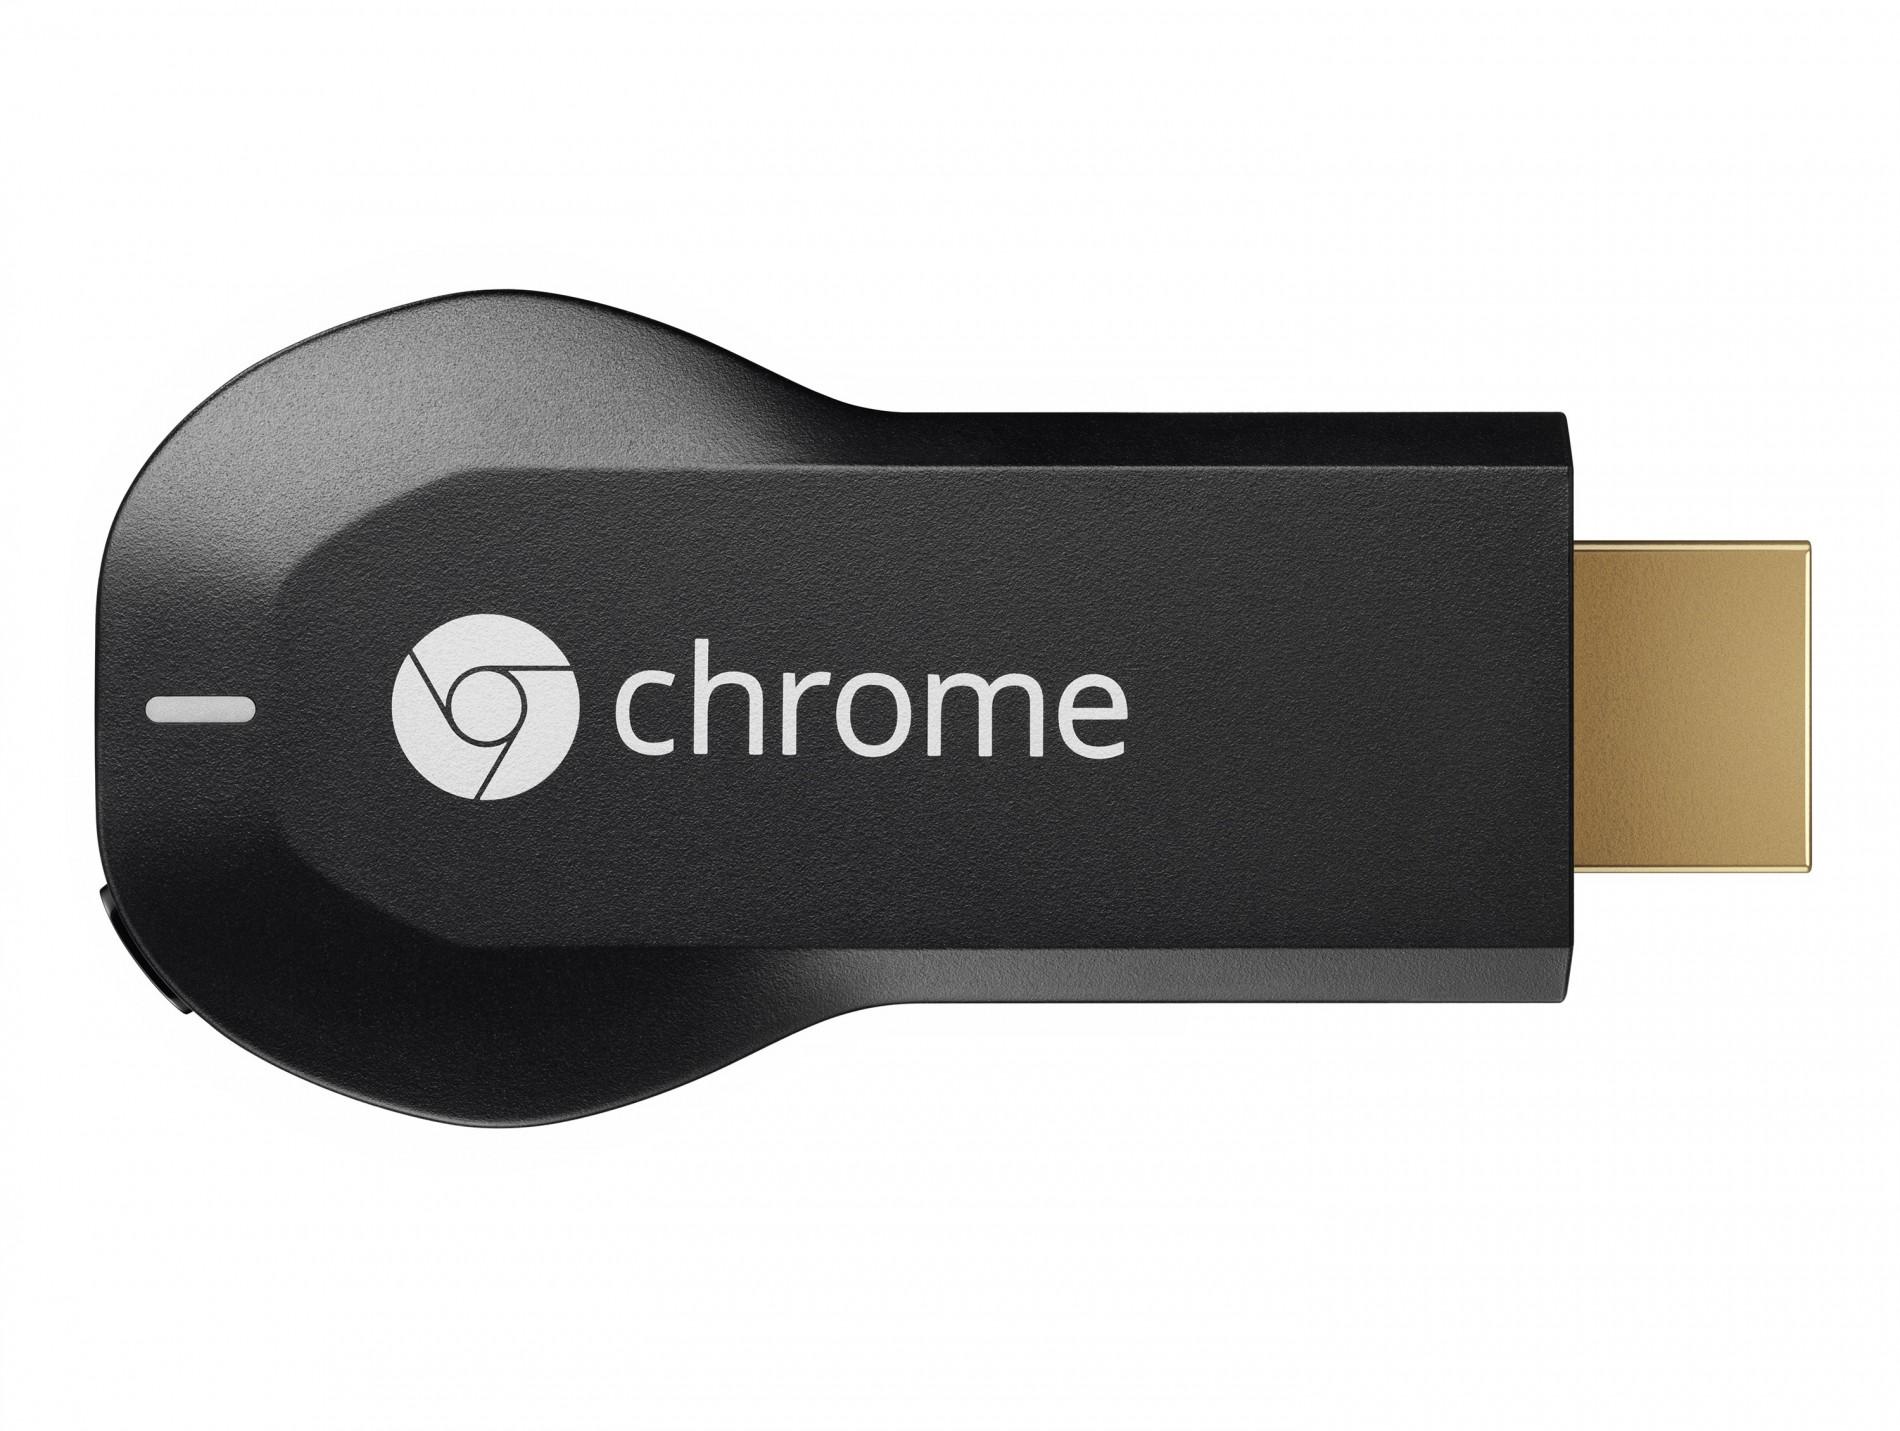 Google Chromecast lanceres officielt i Danmark i dag